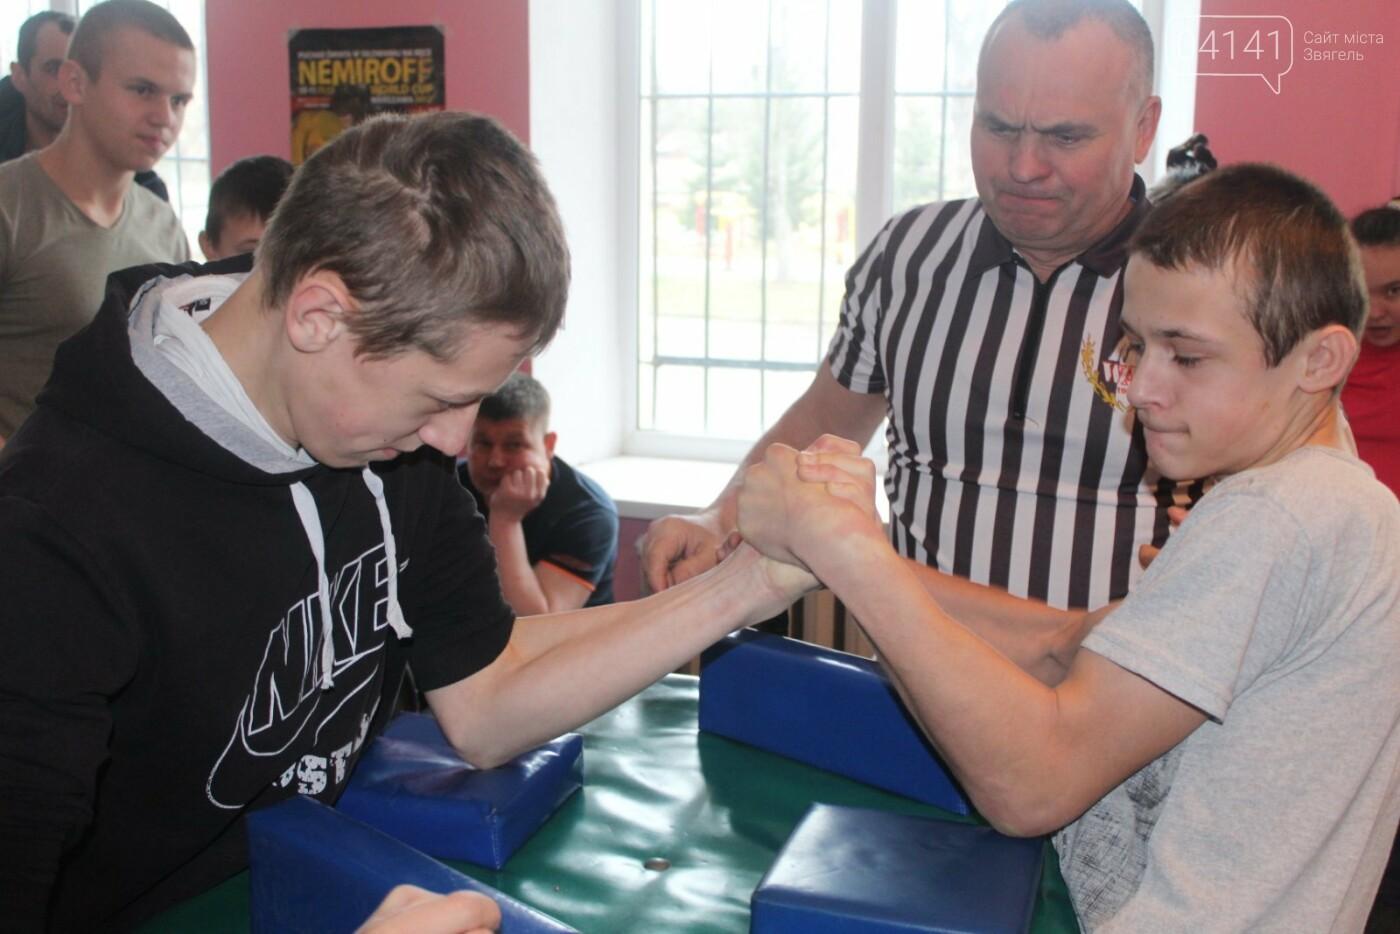 Як у Новограді проходив чемпіонат з армспорту серед людей з інвалідністю (ФОТО, ВІДЕО), фото-4